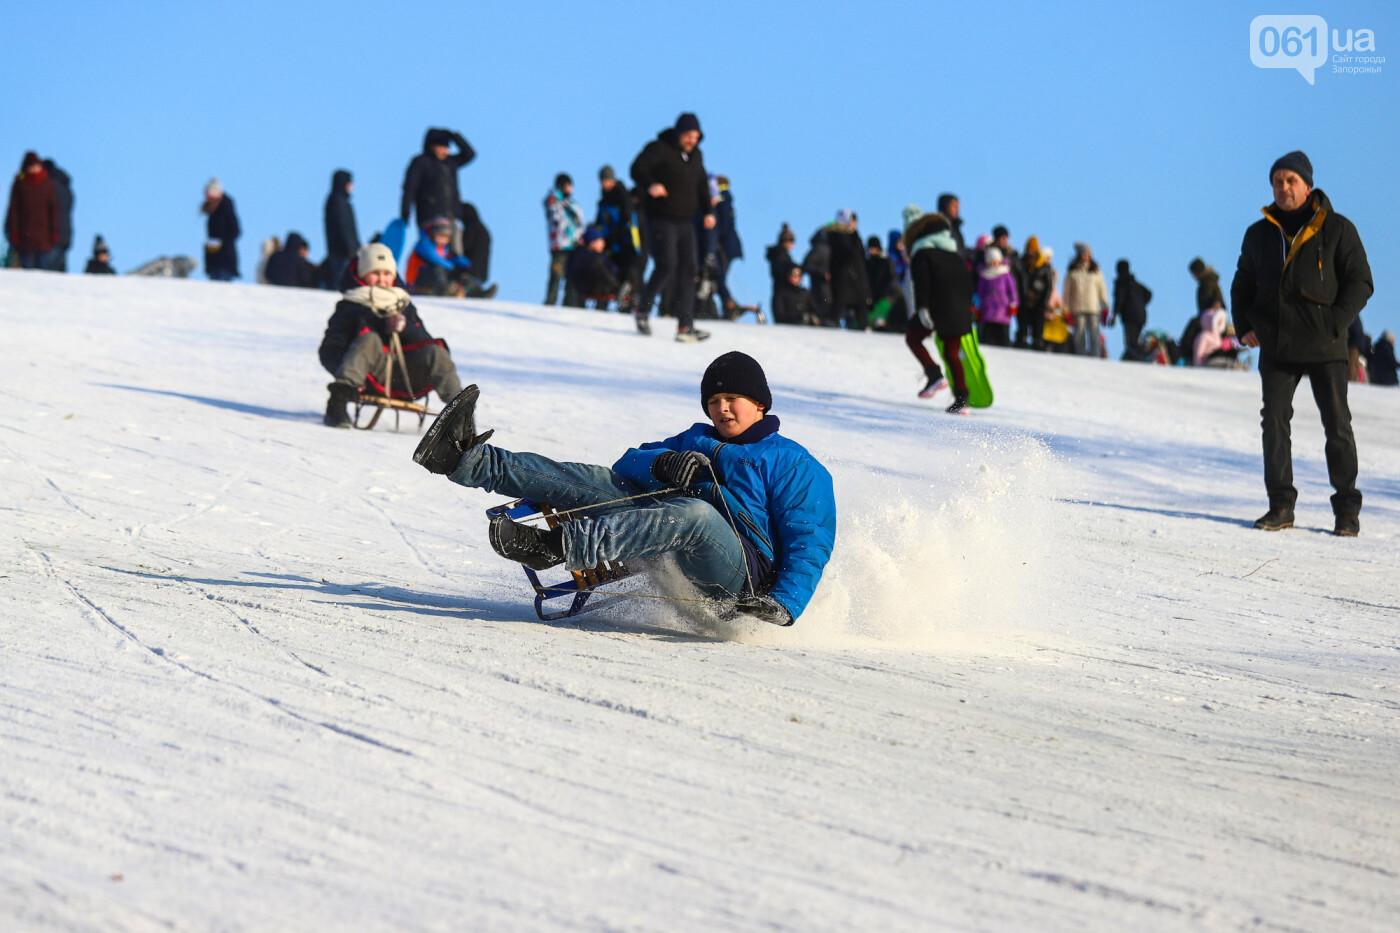 На санках, лыжах и сноуборде: запорожцы устроили массовое катание с горок в Вознесеновском парке, - ФОТОРЕПОРТАЖ, фото-93